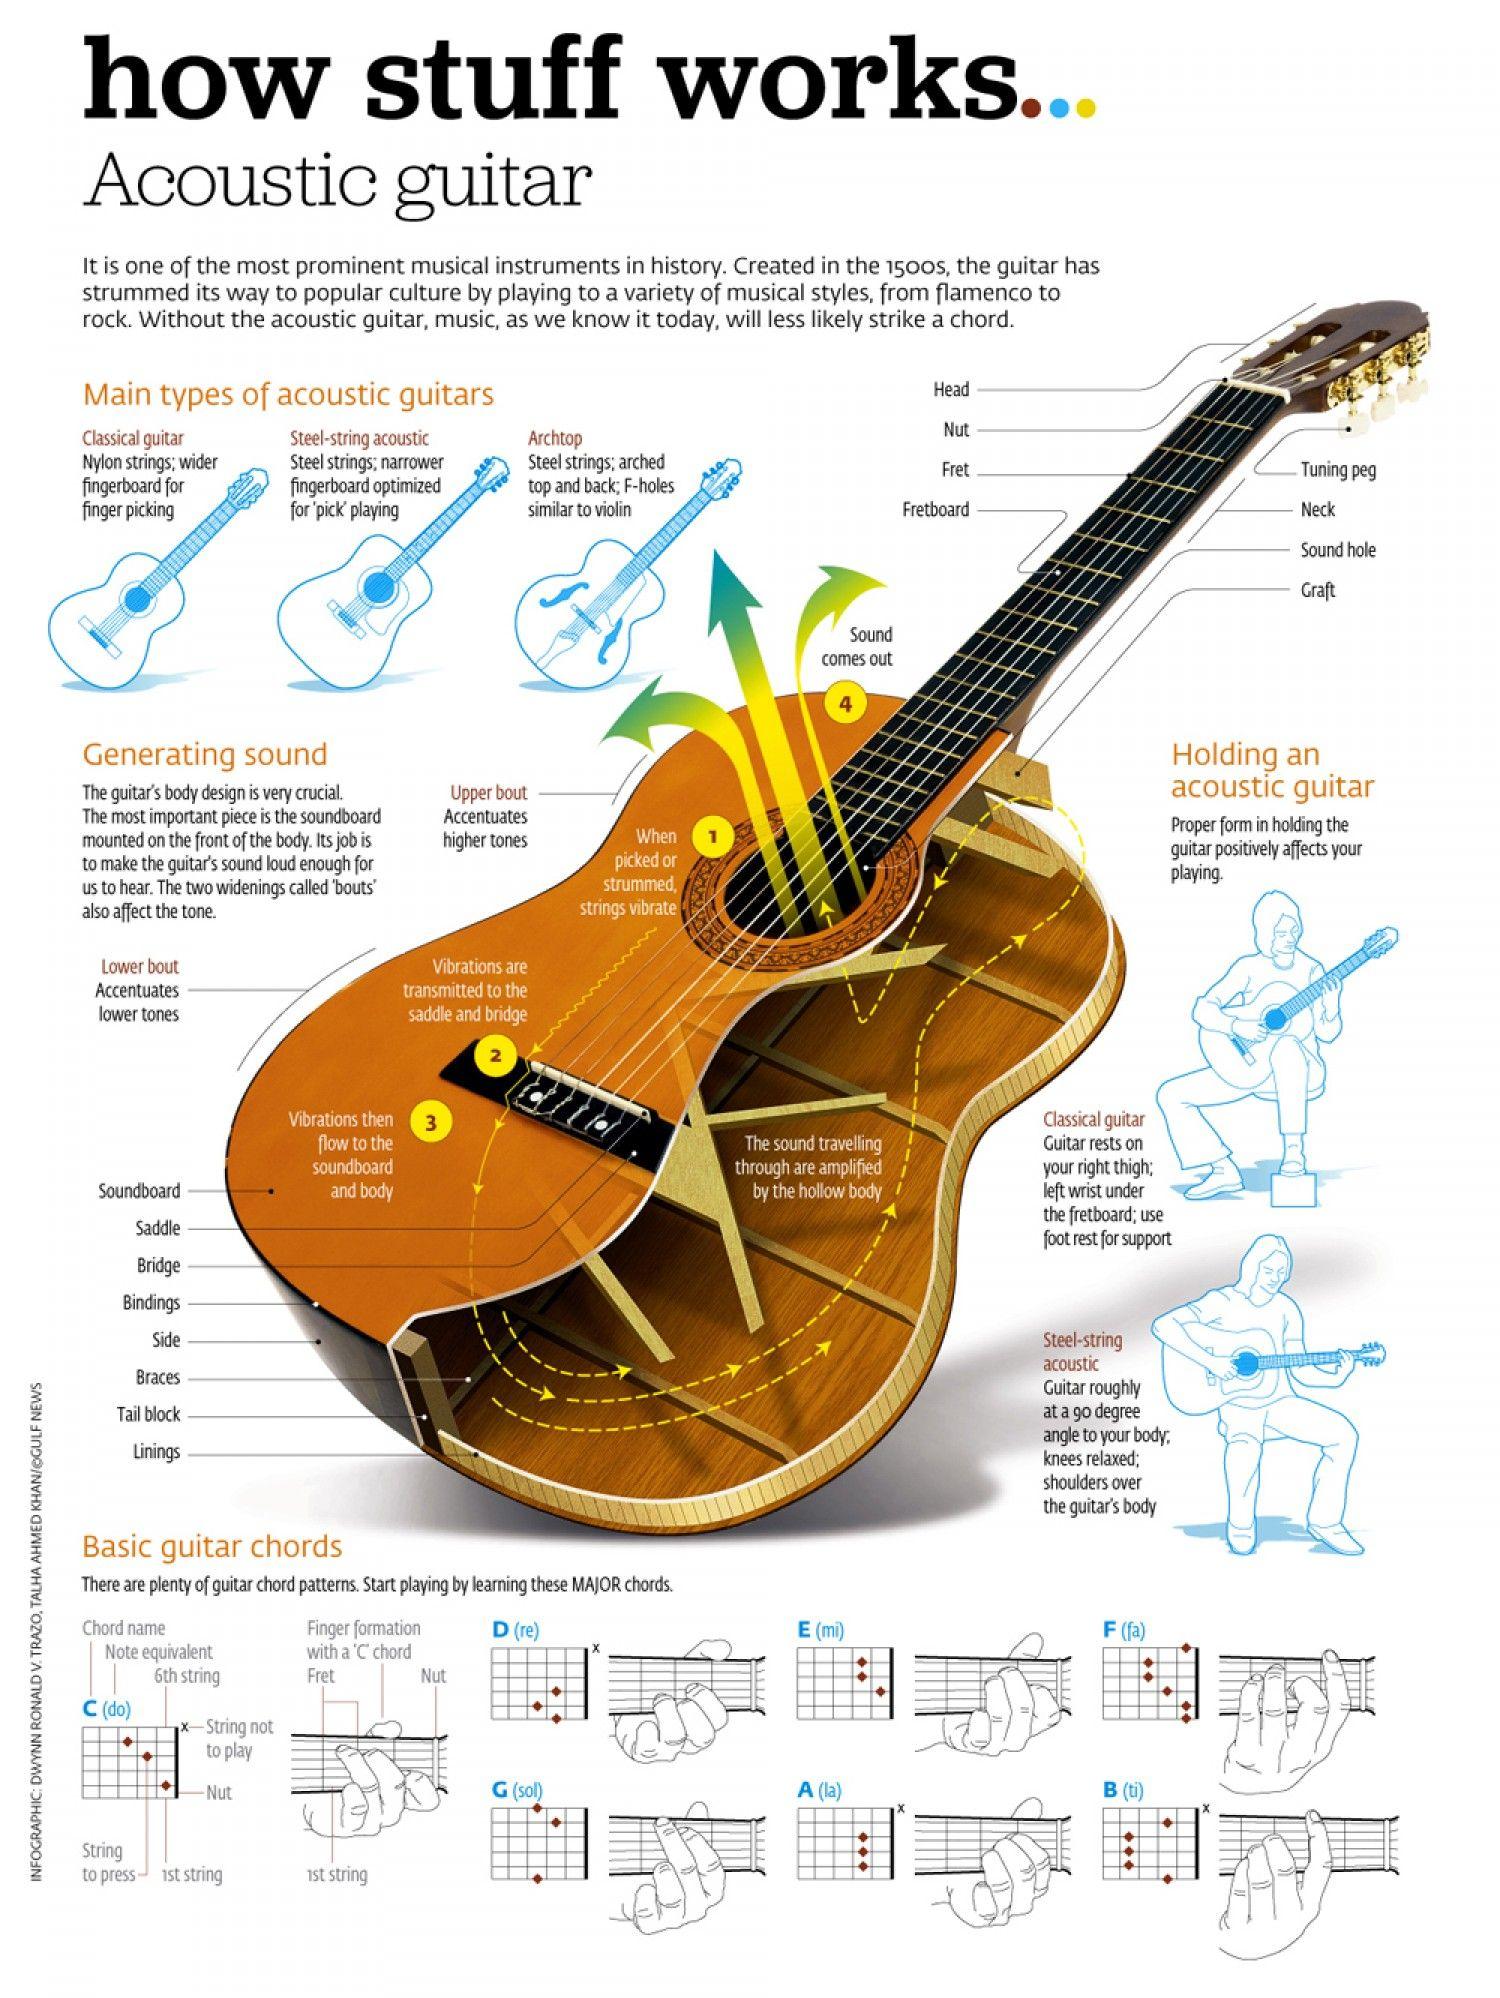 Anatomy Of The Acoustic Guitar Httpguitarandmusicinstitute